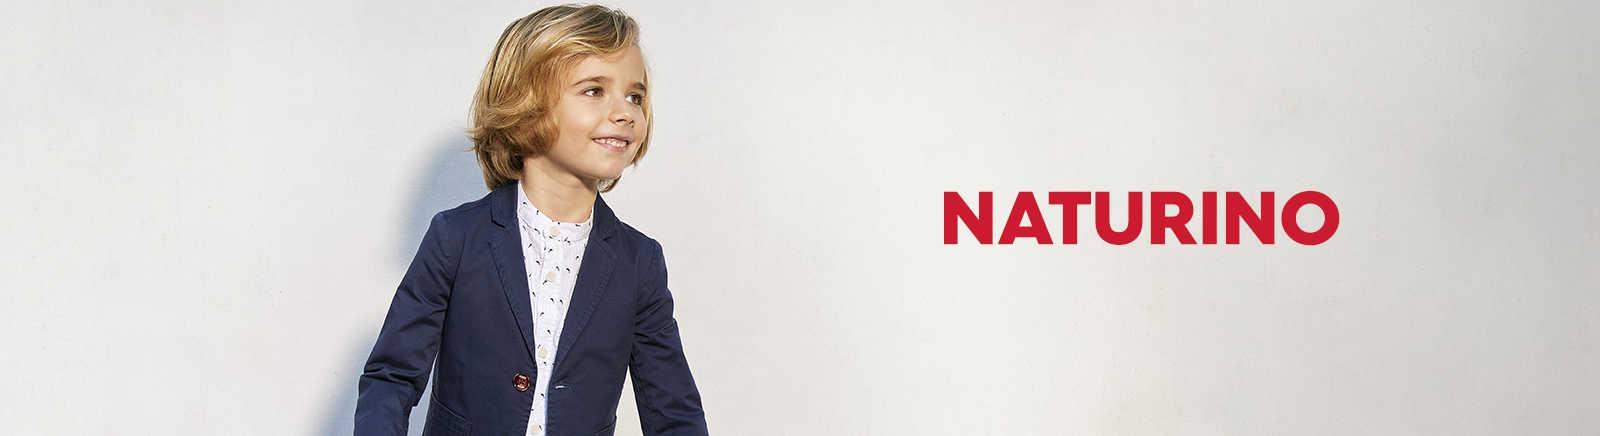 Naturino/Falcotto Babyschuhe im Online-Shop von GISY kaufen